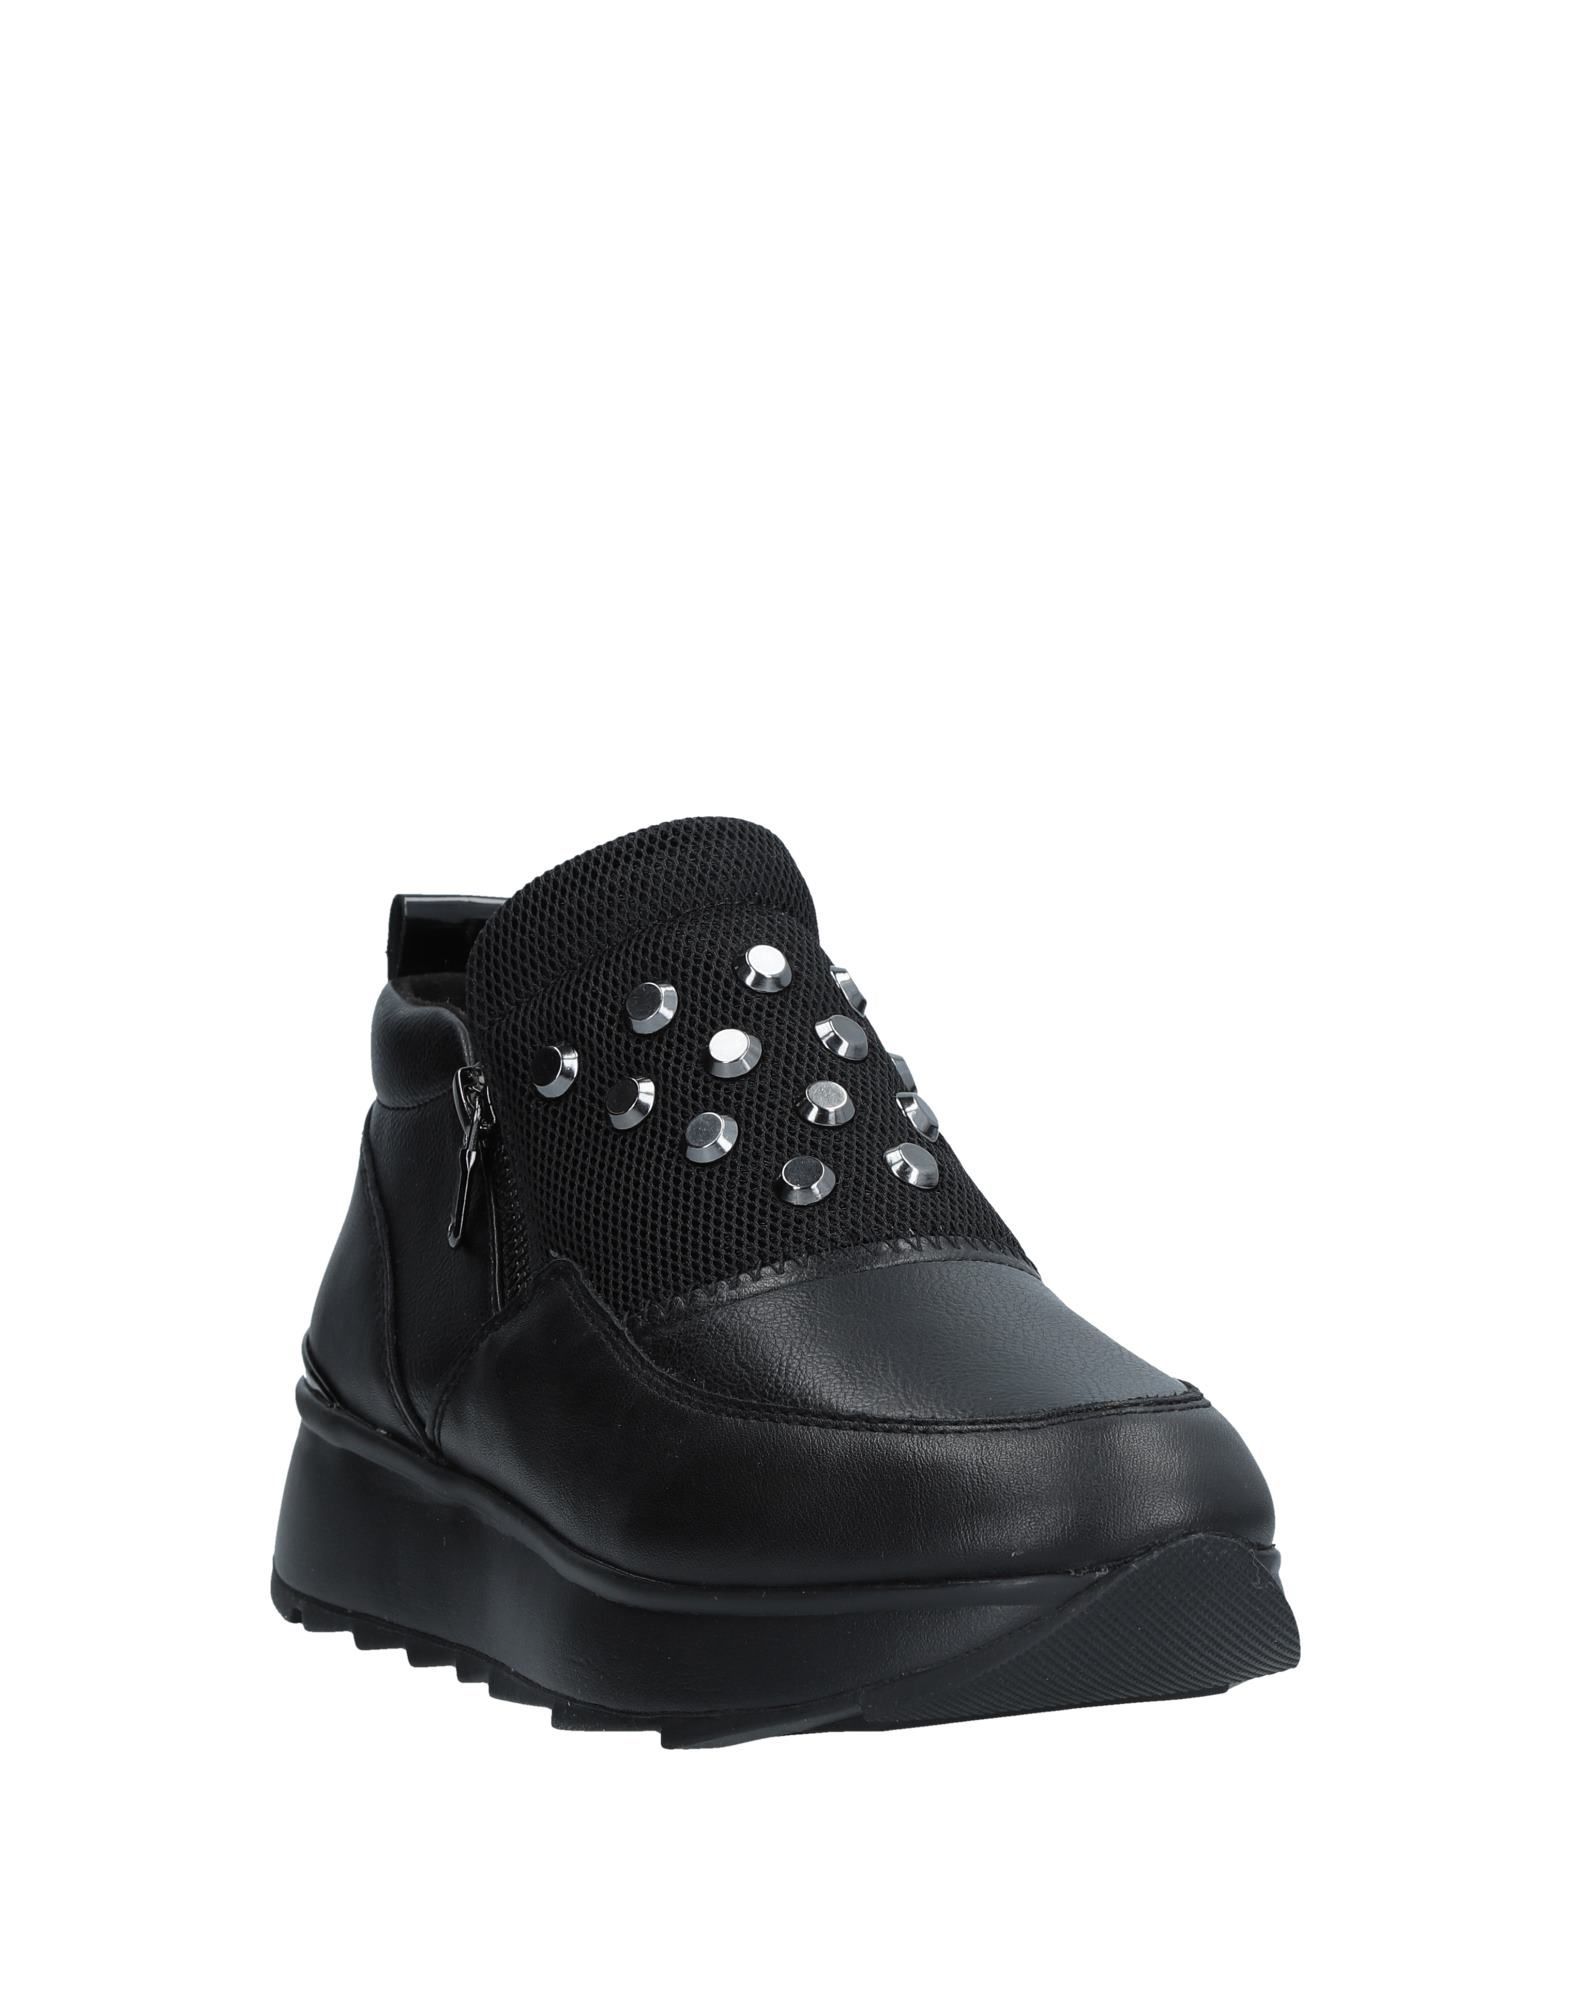 Geox Sneakers - Women Geox Geox Geox Sneakers online on  Canada - 11541910NI 078704